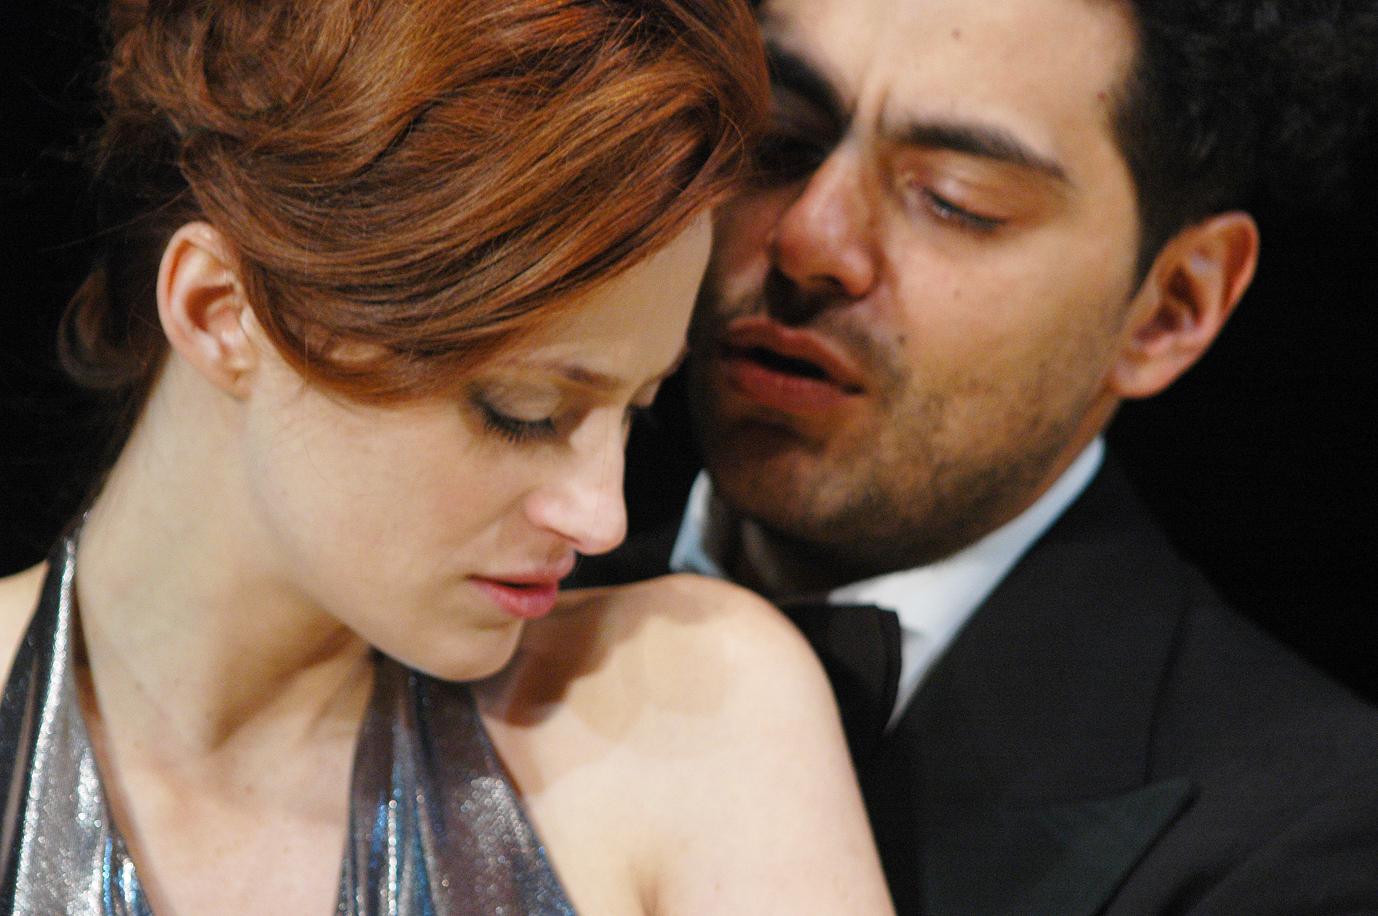 http://3.bp.blogspot.com/-LCcFm3VU5zo/UF0CYiHxxBI/AAAAAAAAA4A/48FKfKa4TFk/s1600/Macbeth+fotosAlicia+Rojo.jpg